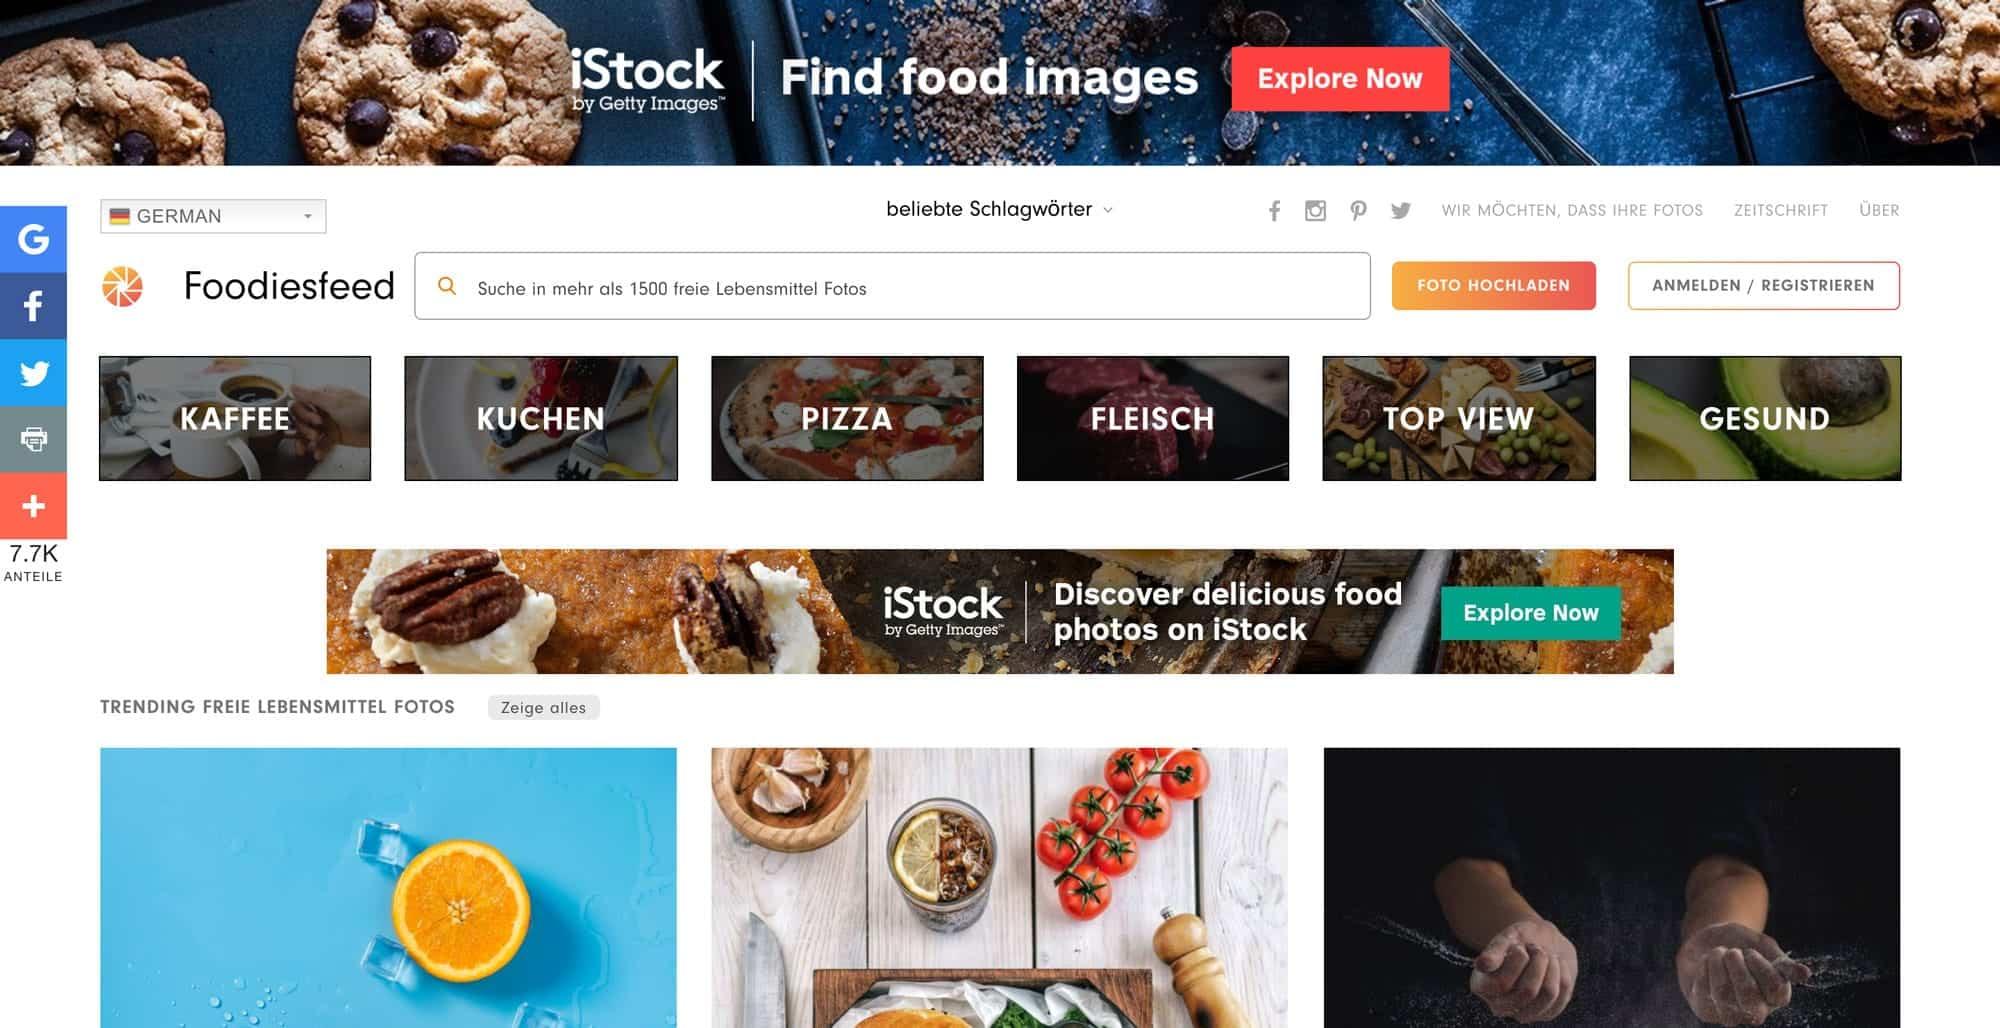 Foodiesfeed bietet Bilder rund um das Thema Essen